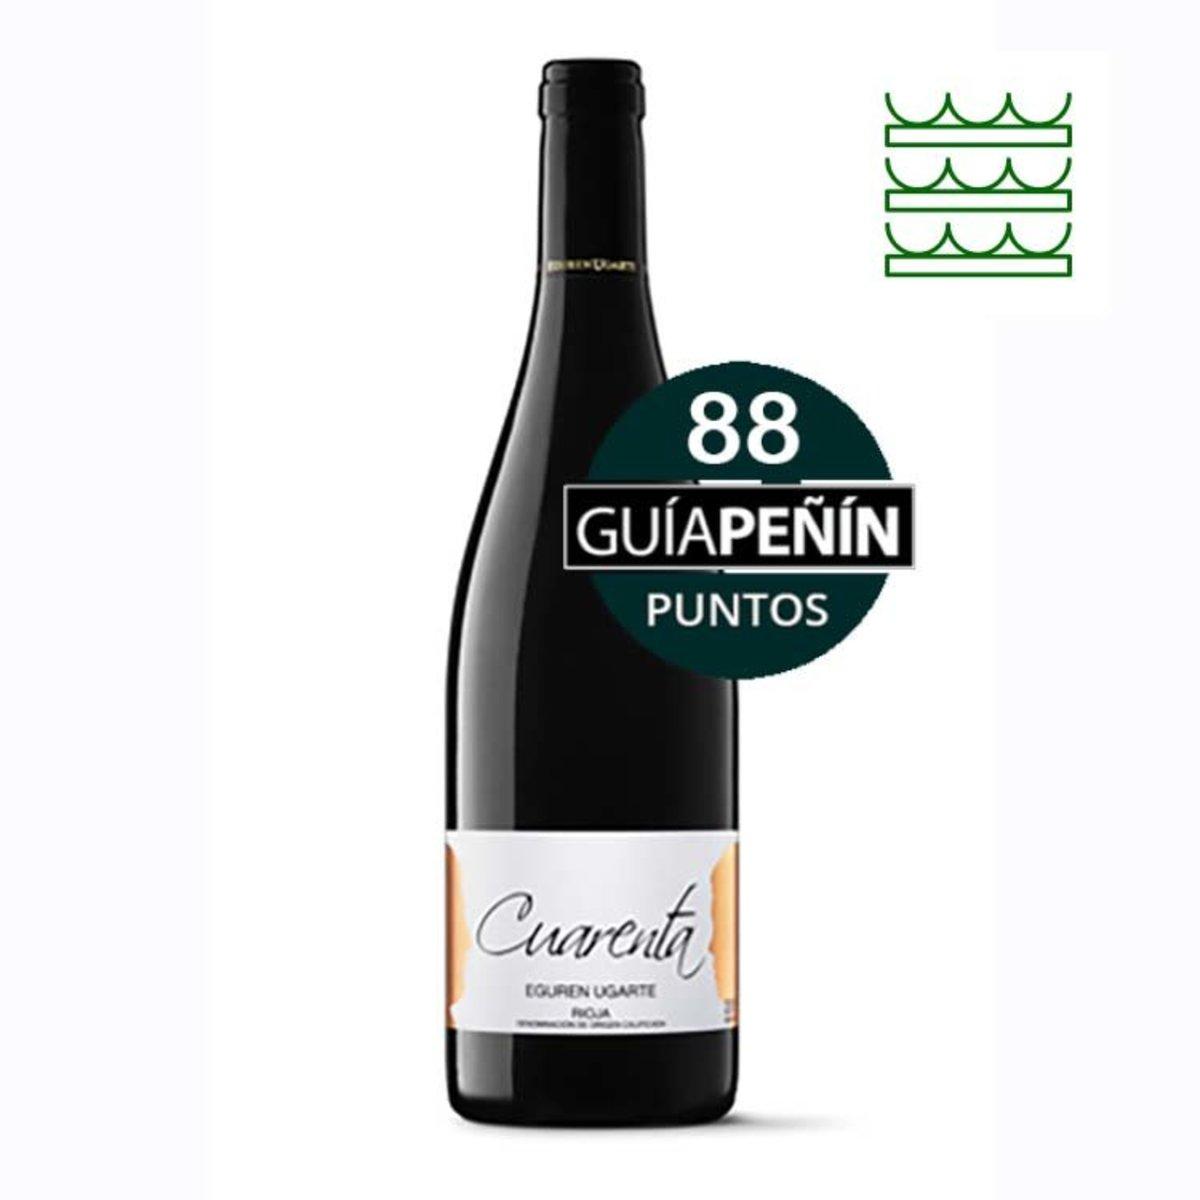 Spain Red Wine Rioja 40 Years Old Cuarenta 2016